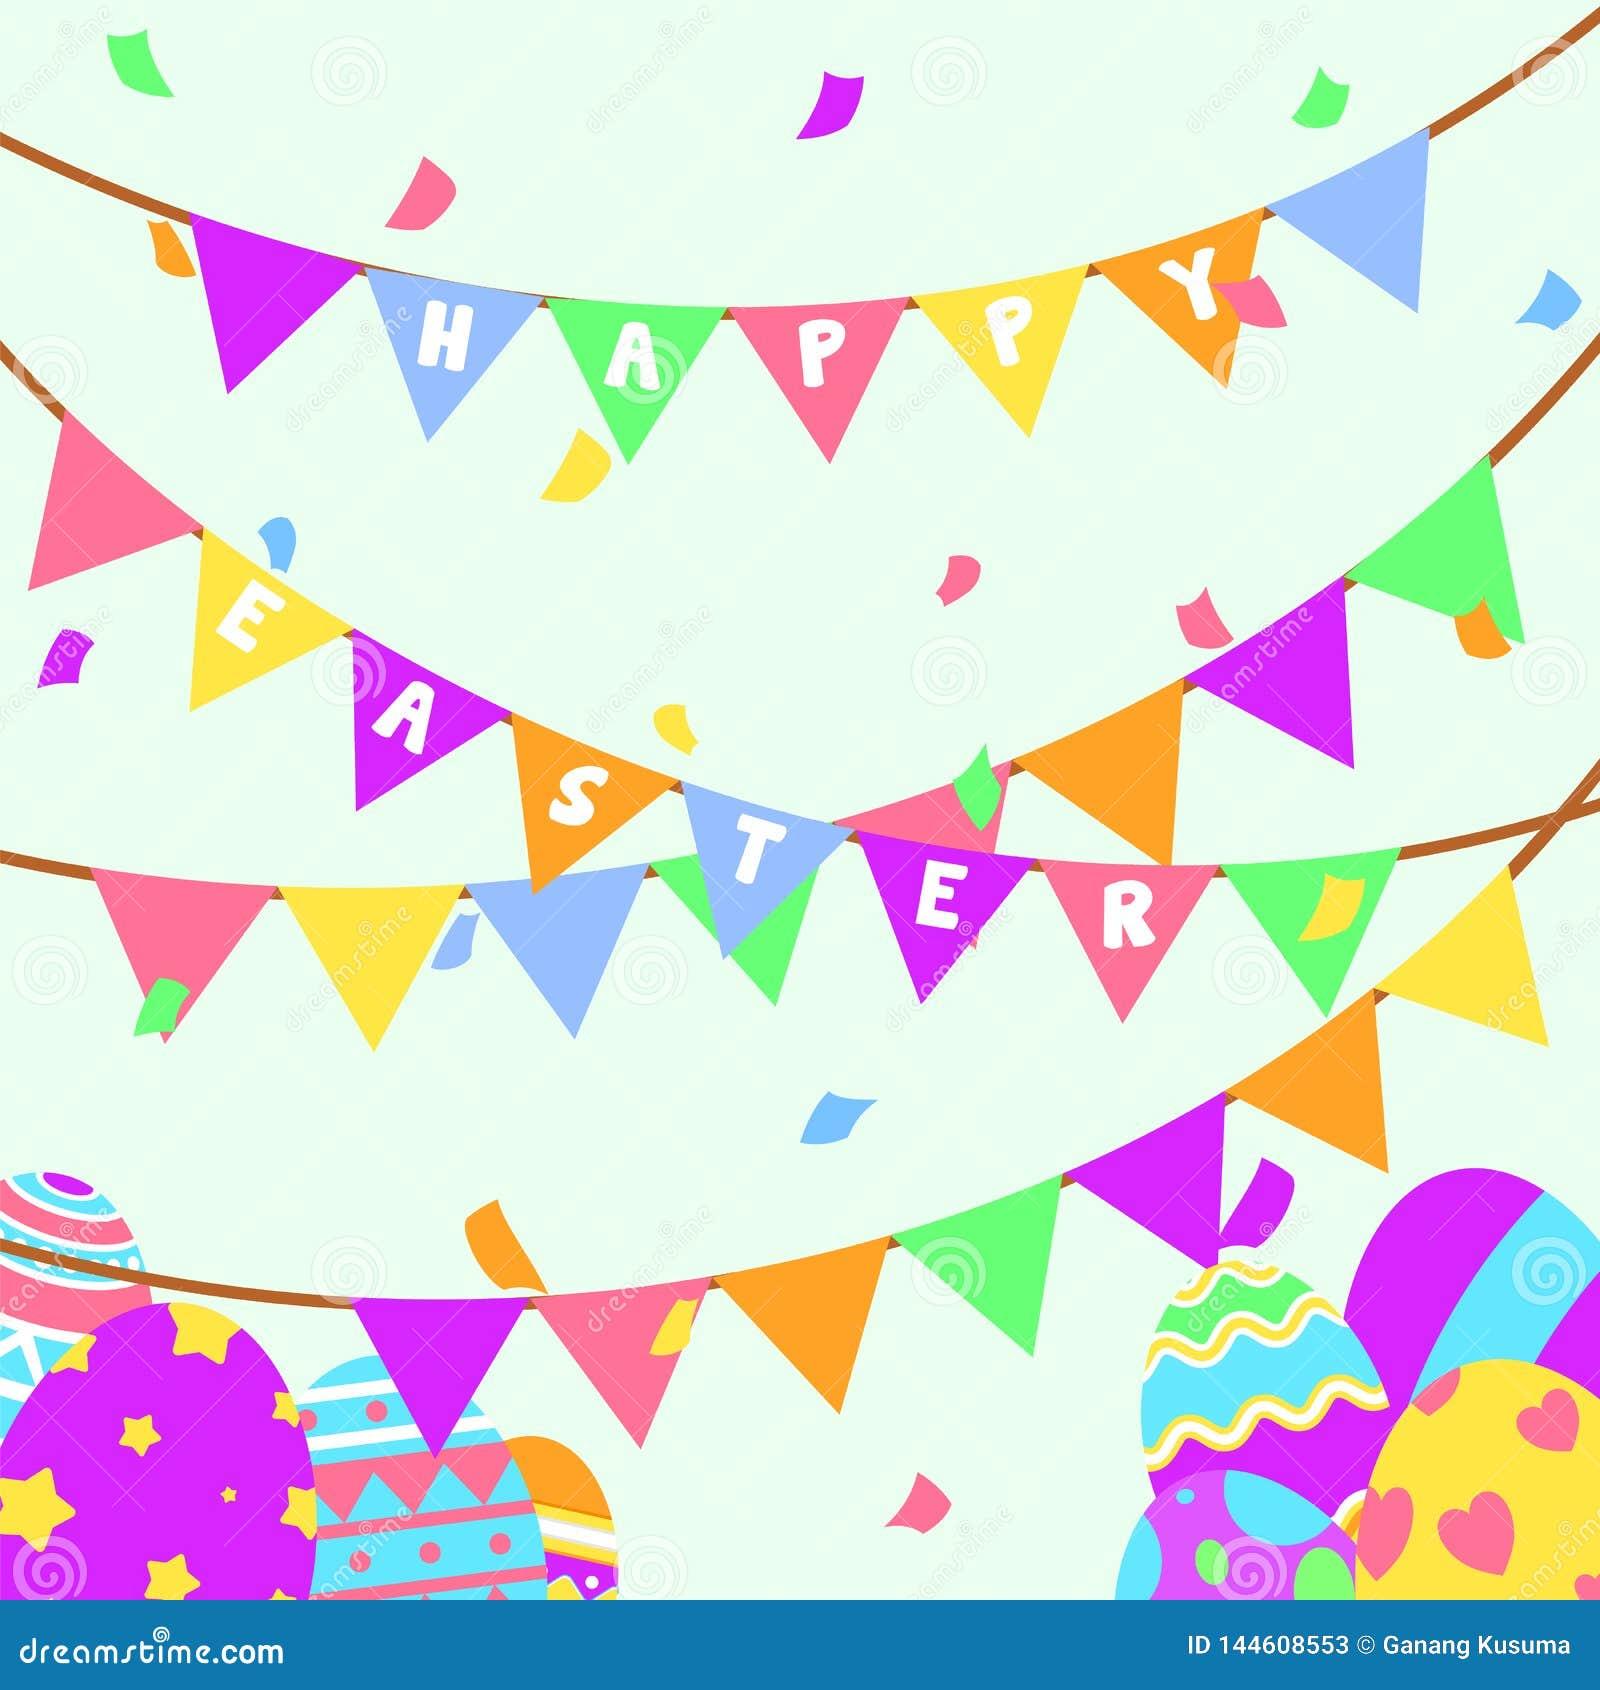 Tarjeta y partido felices divertidos y coloridos de felicitación de Pascua con el ejemplo de huevos, de la bandera, de la bandera